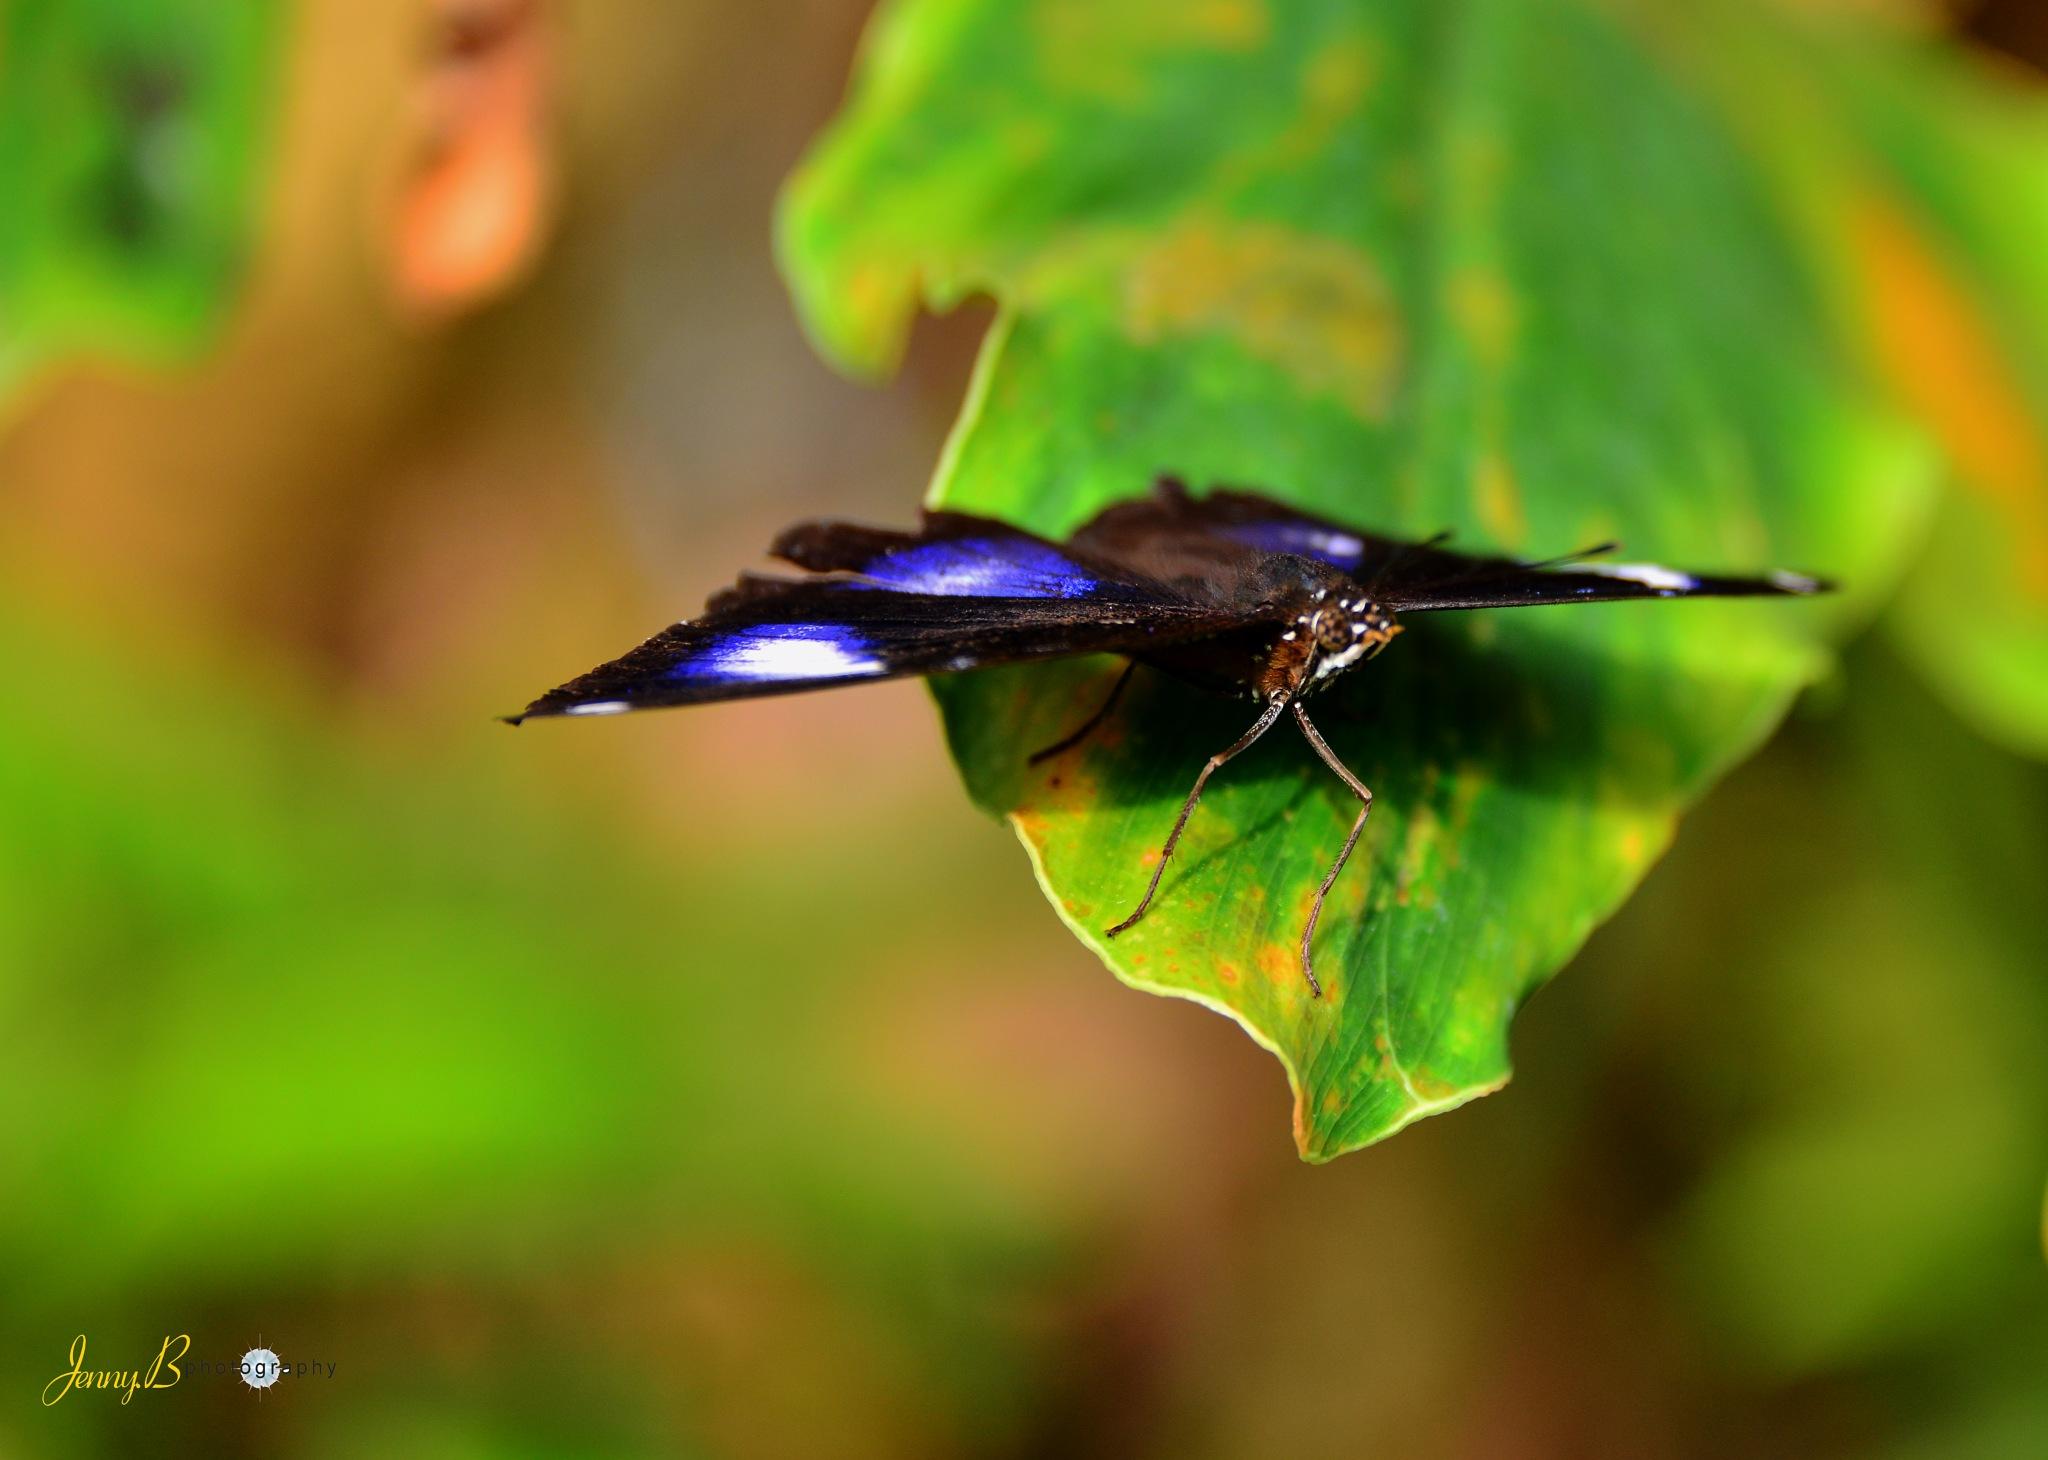 butterfly by jb_127  ( jennybphotography)